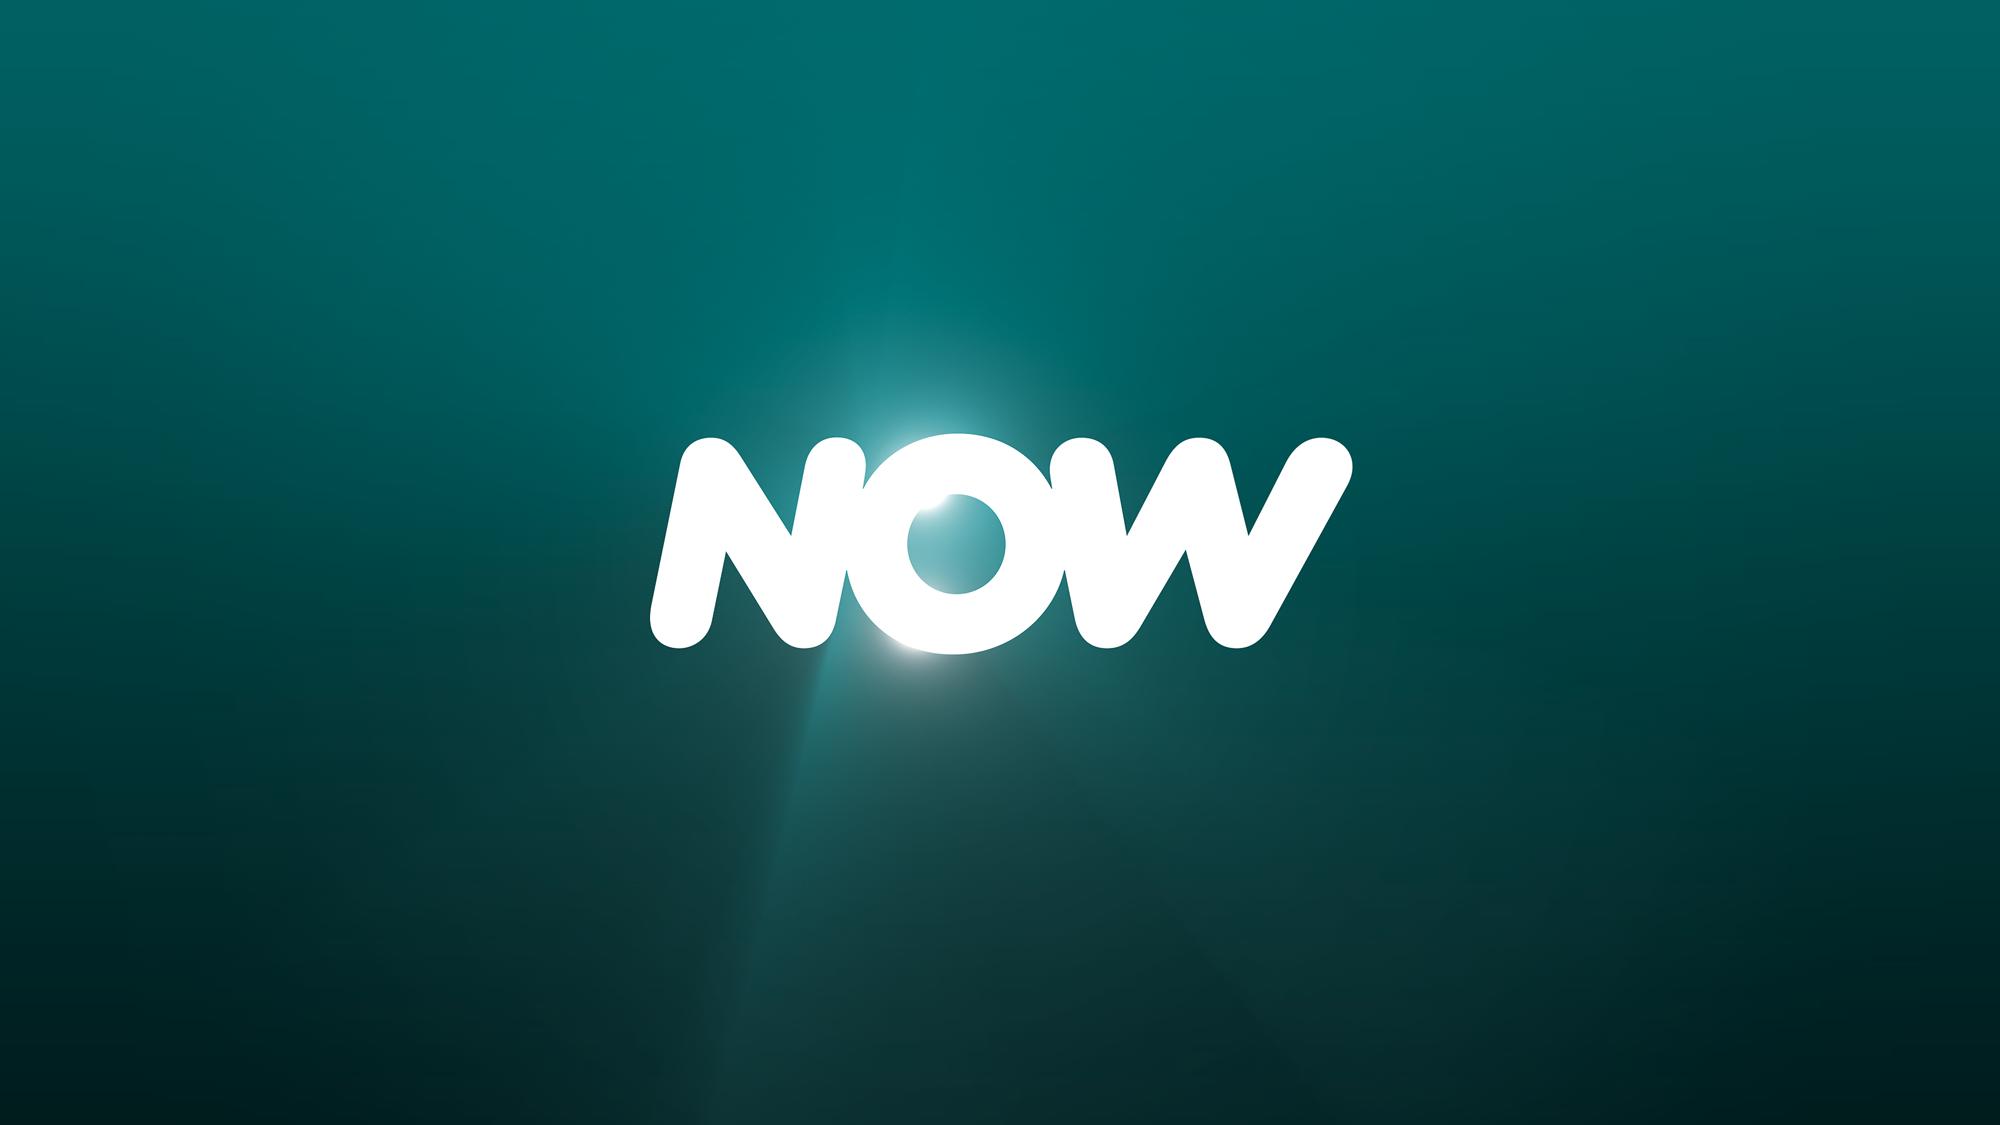 NOWSmartStick_Retail_PACK2_Render_S-front_S-back_2